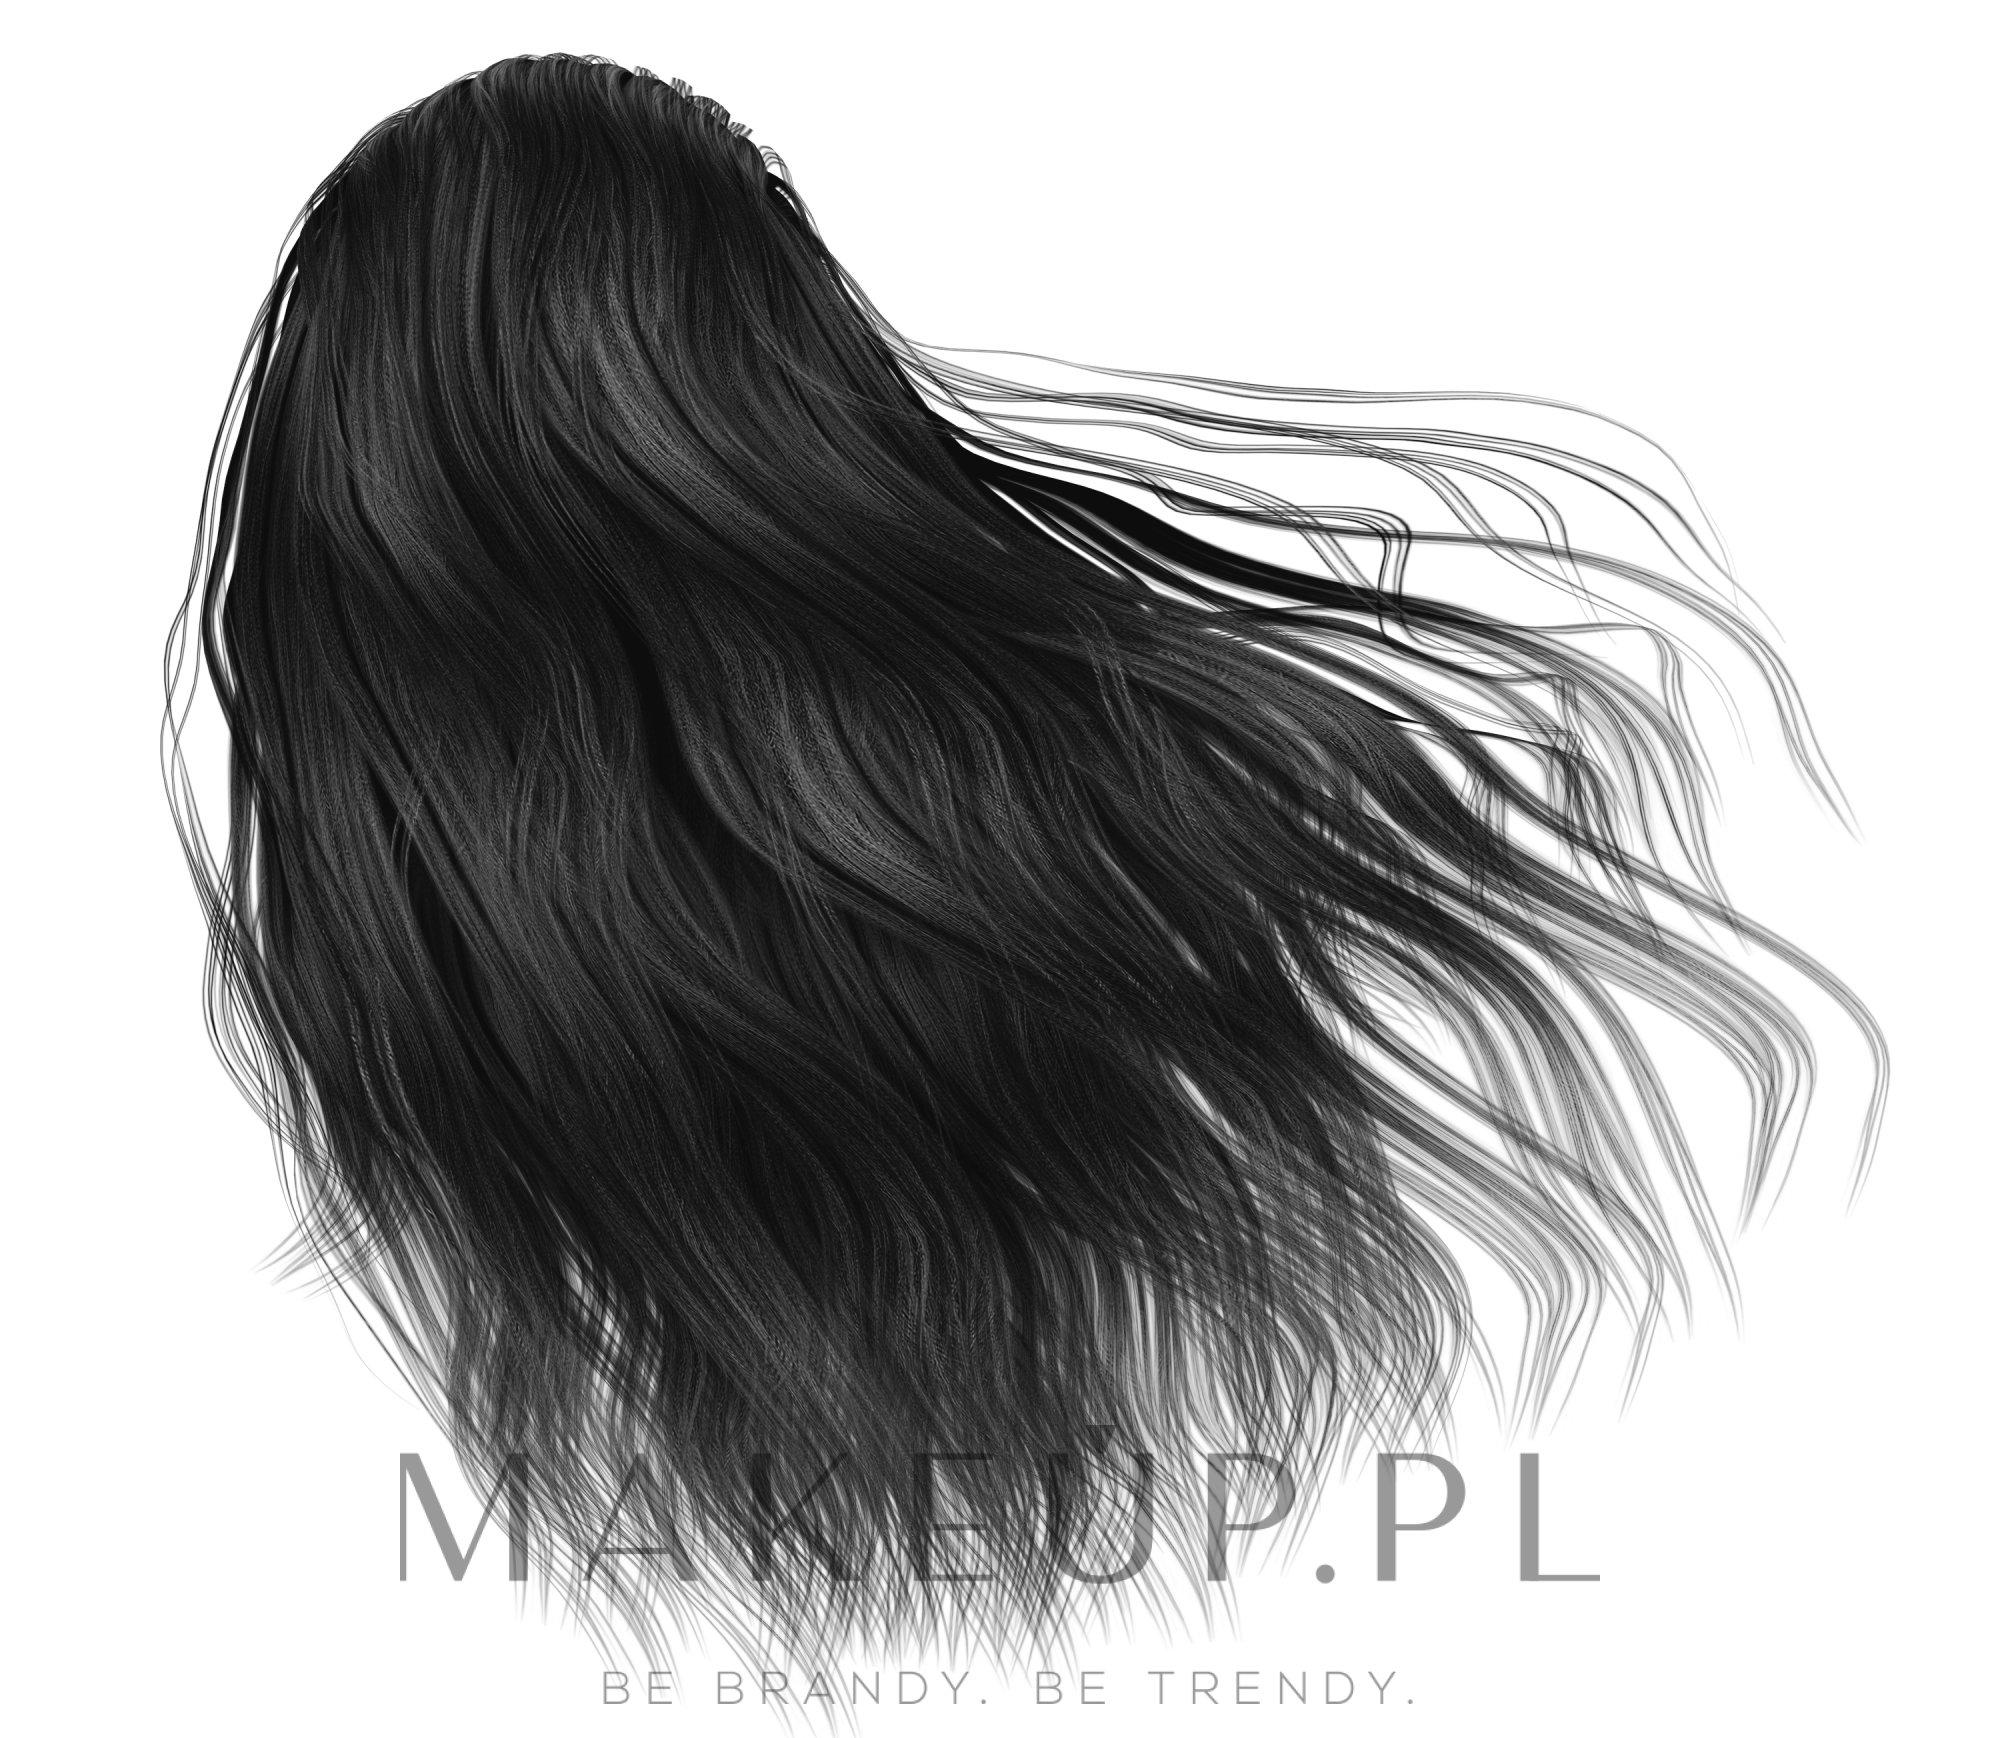 Farba do włosów - Garnier Color Sensation — фото 1.0 - Gleboka onyksowa czern